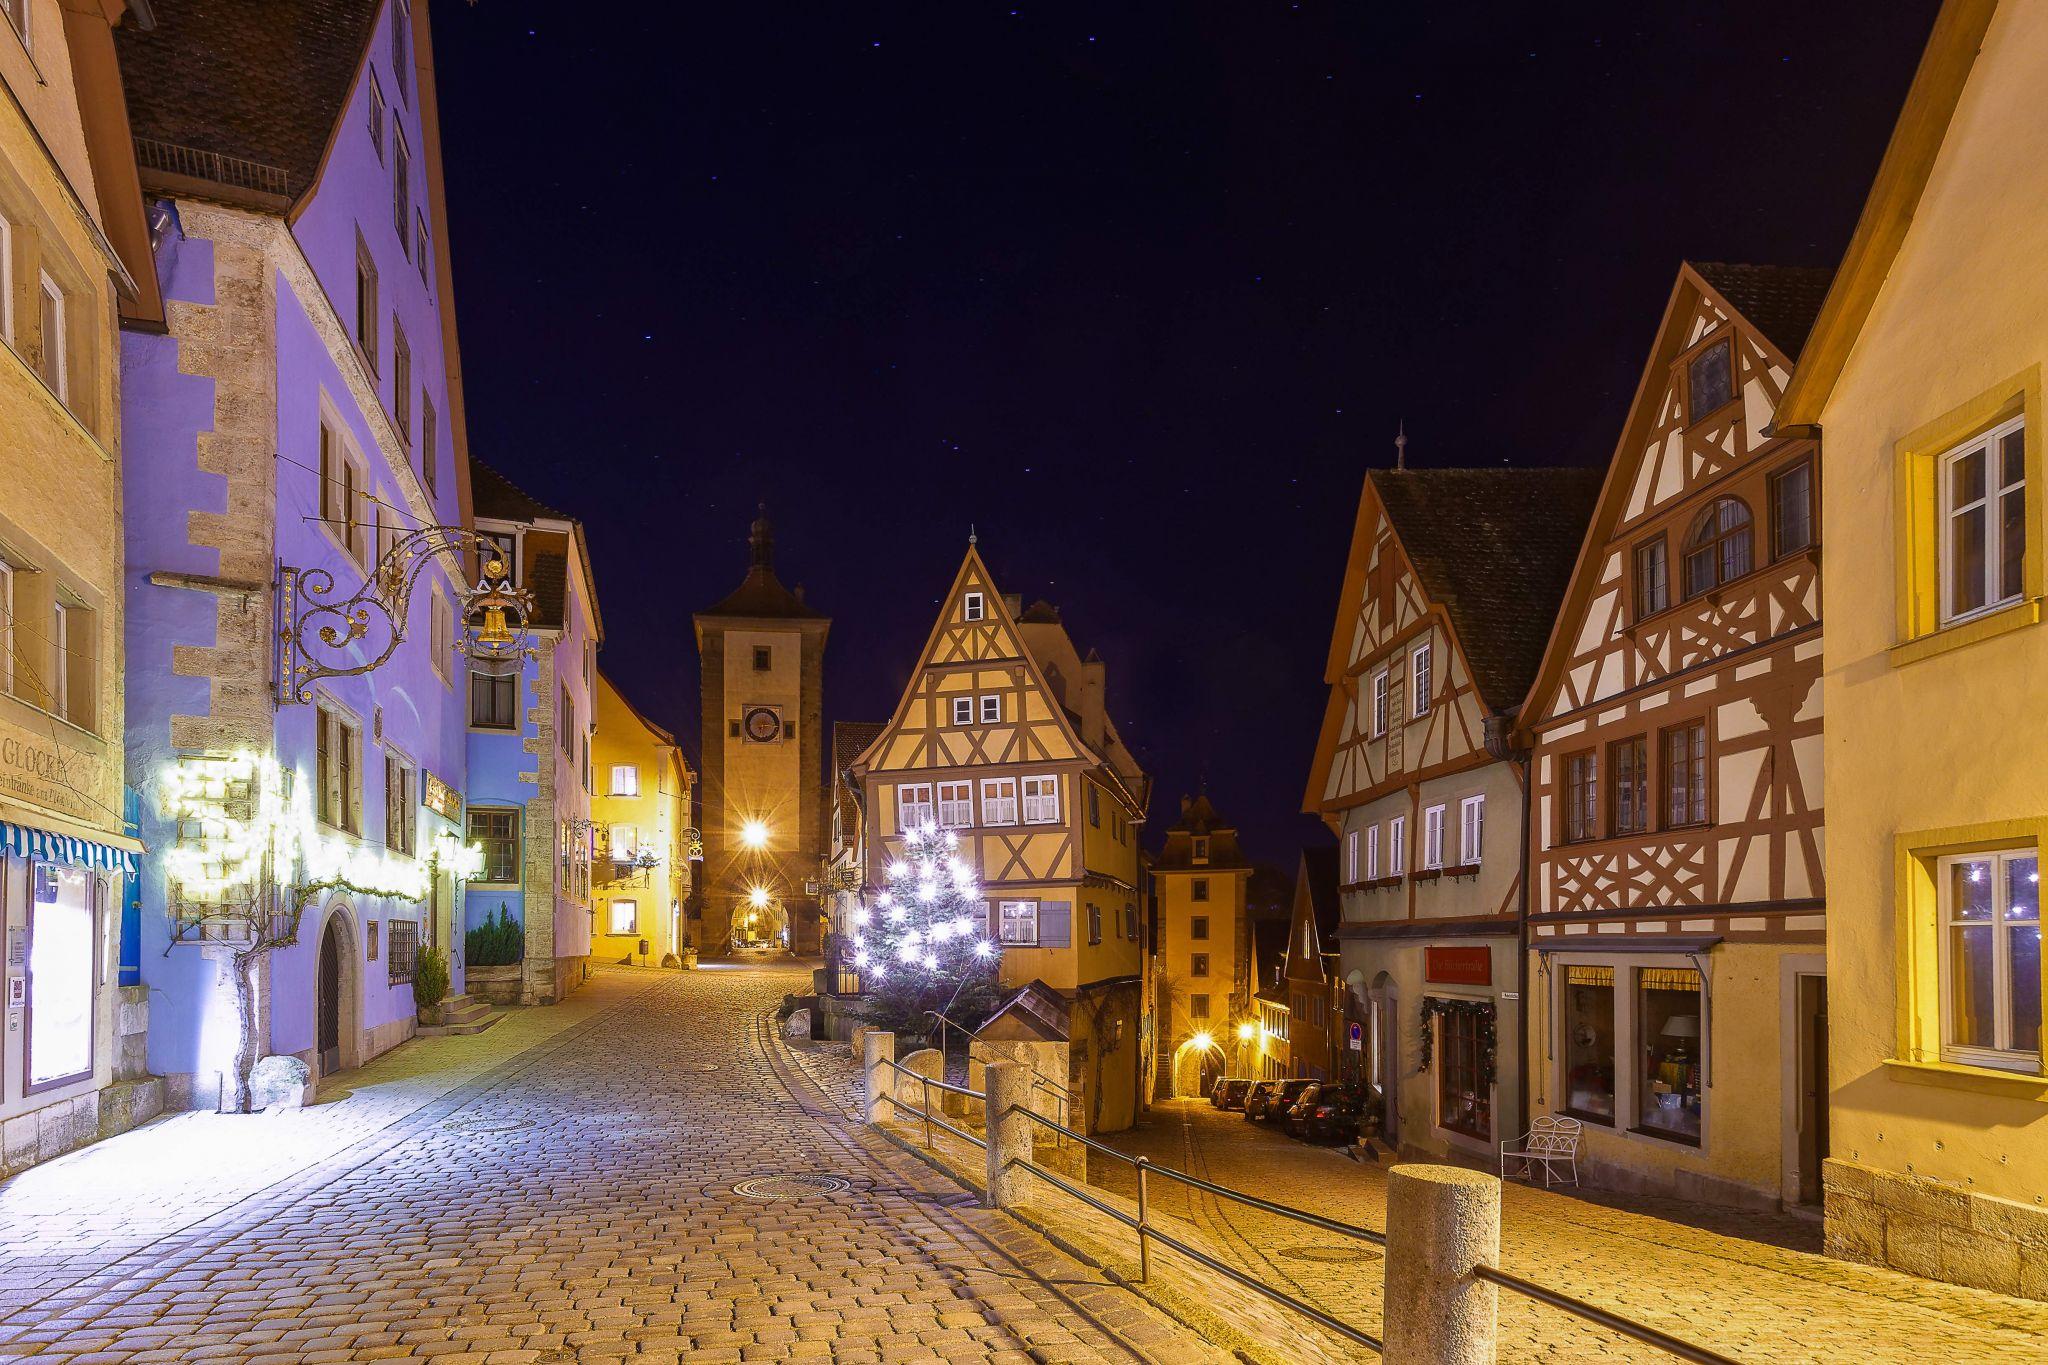 Old city gates Rothenburg ab de tuber, Germany